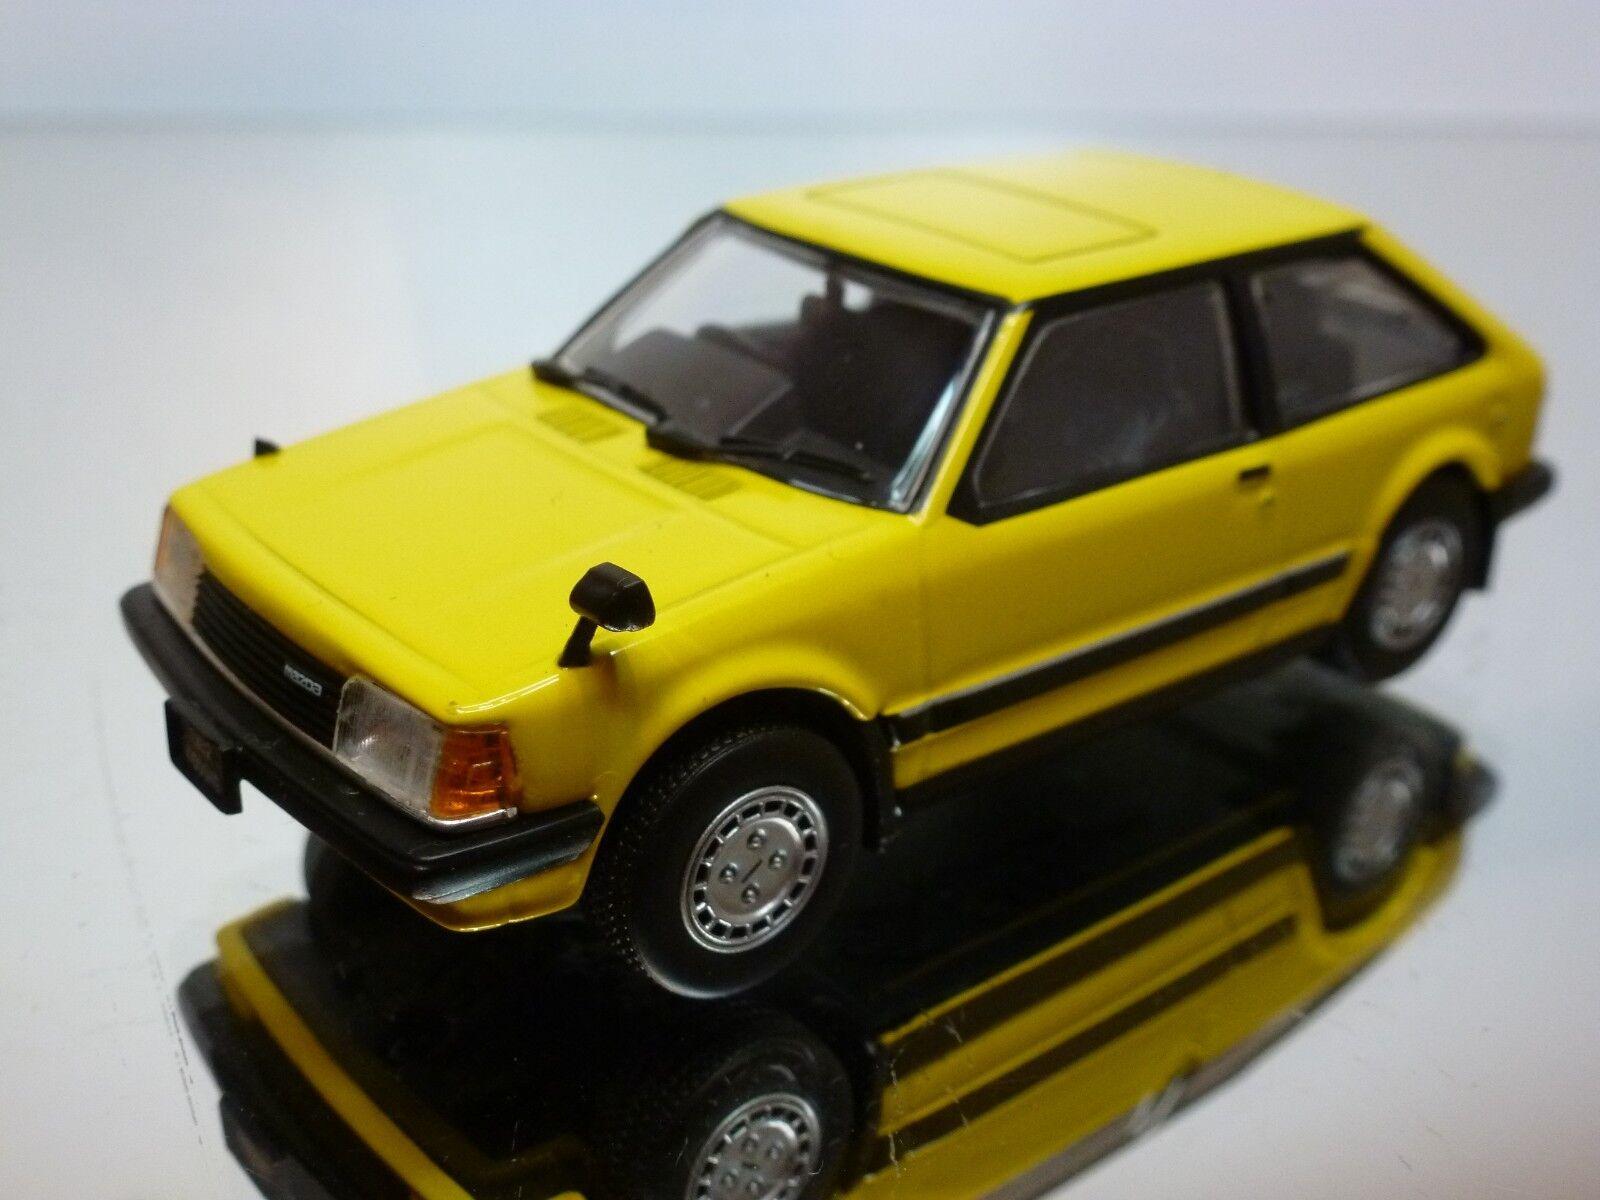 SAPI MODELS MAZDA FAMILIA 1500 XG 1982  - giallo 1 43  - EXCELLENT - 31